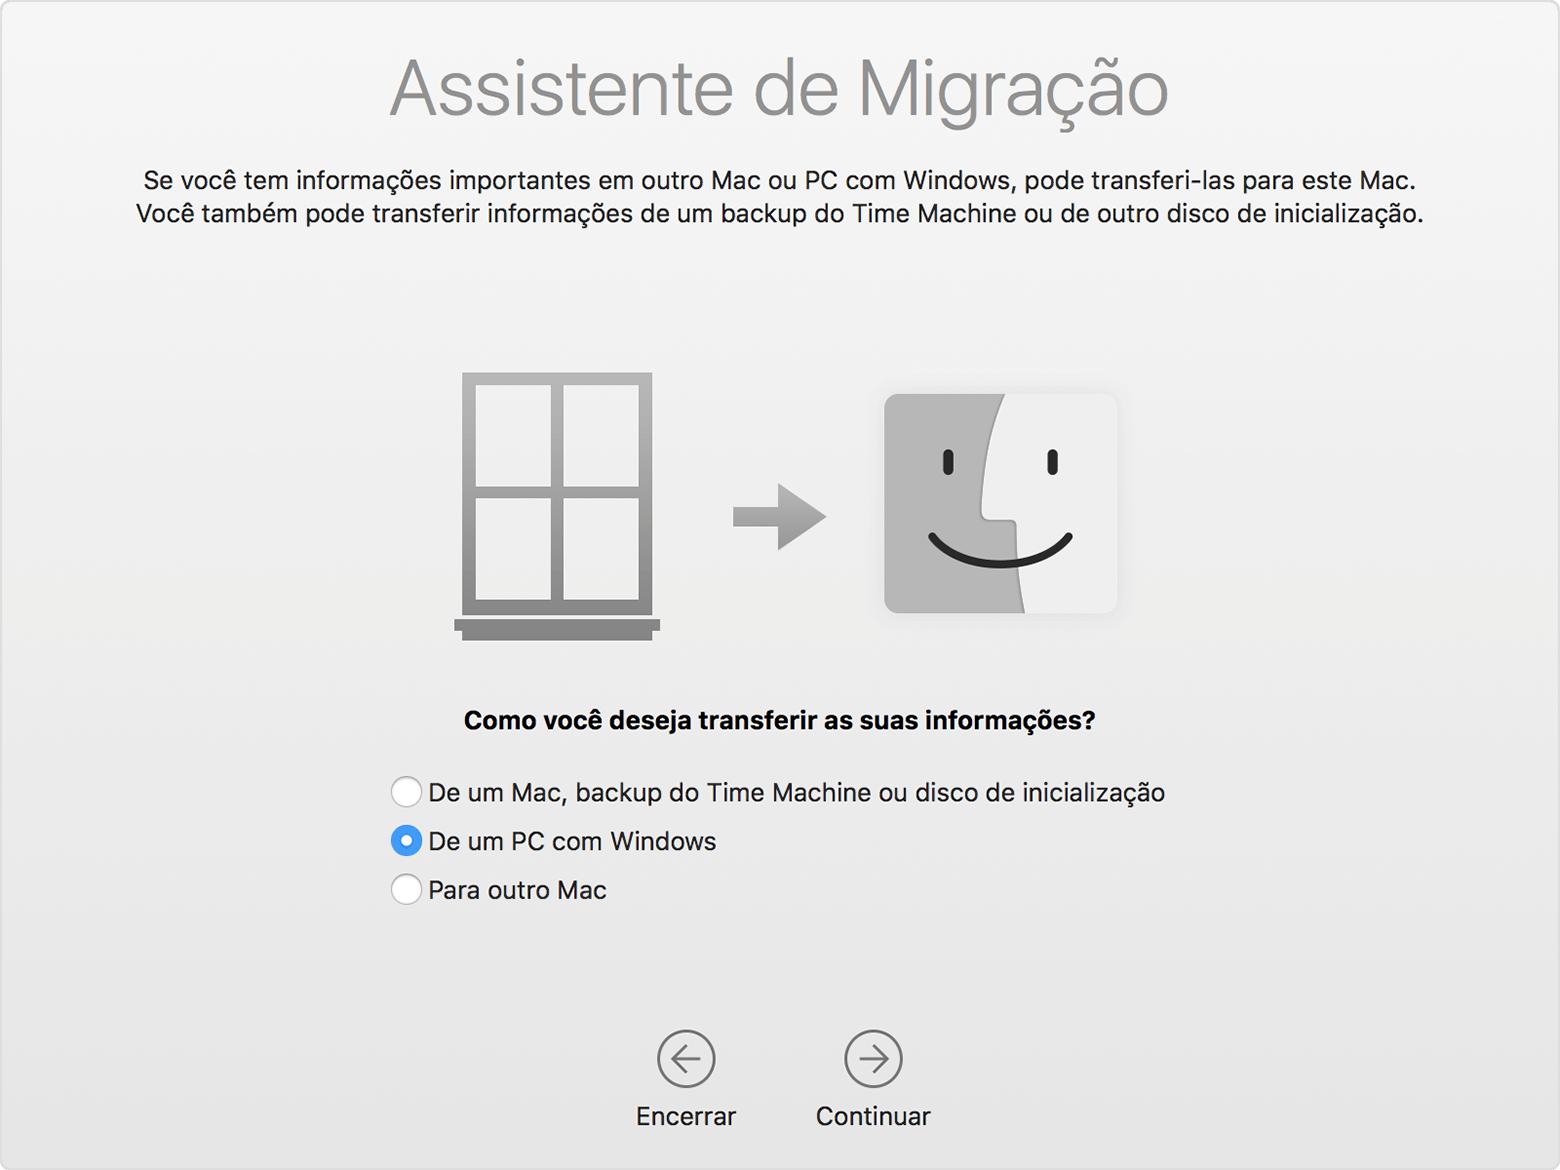 Assistente de Migração do Windows